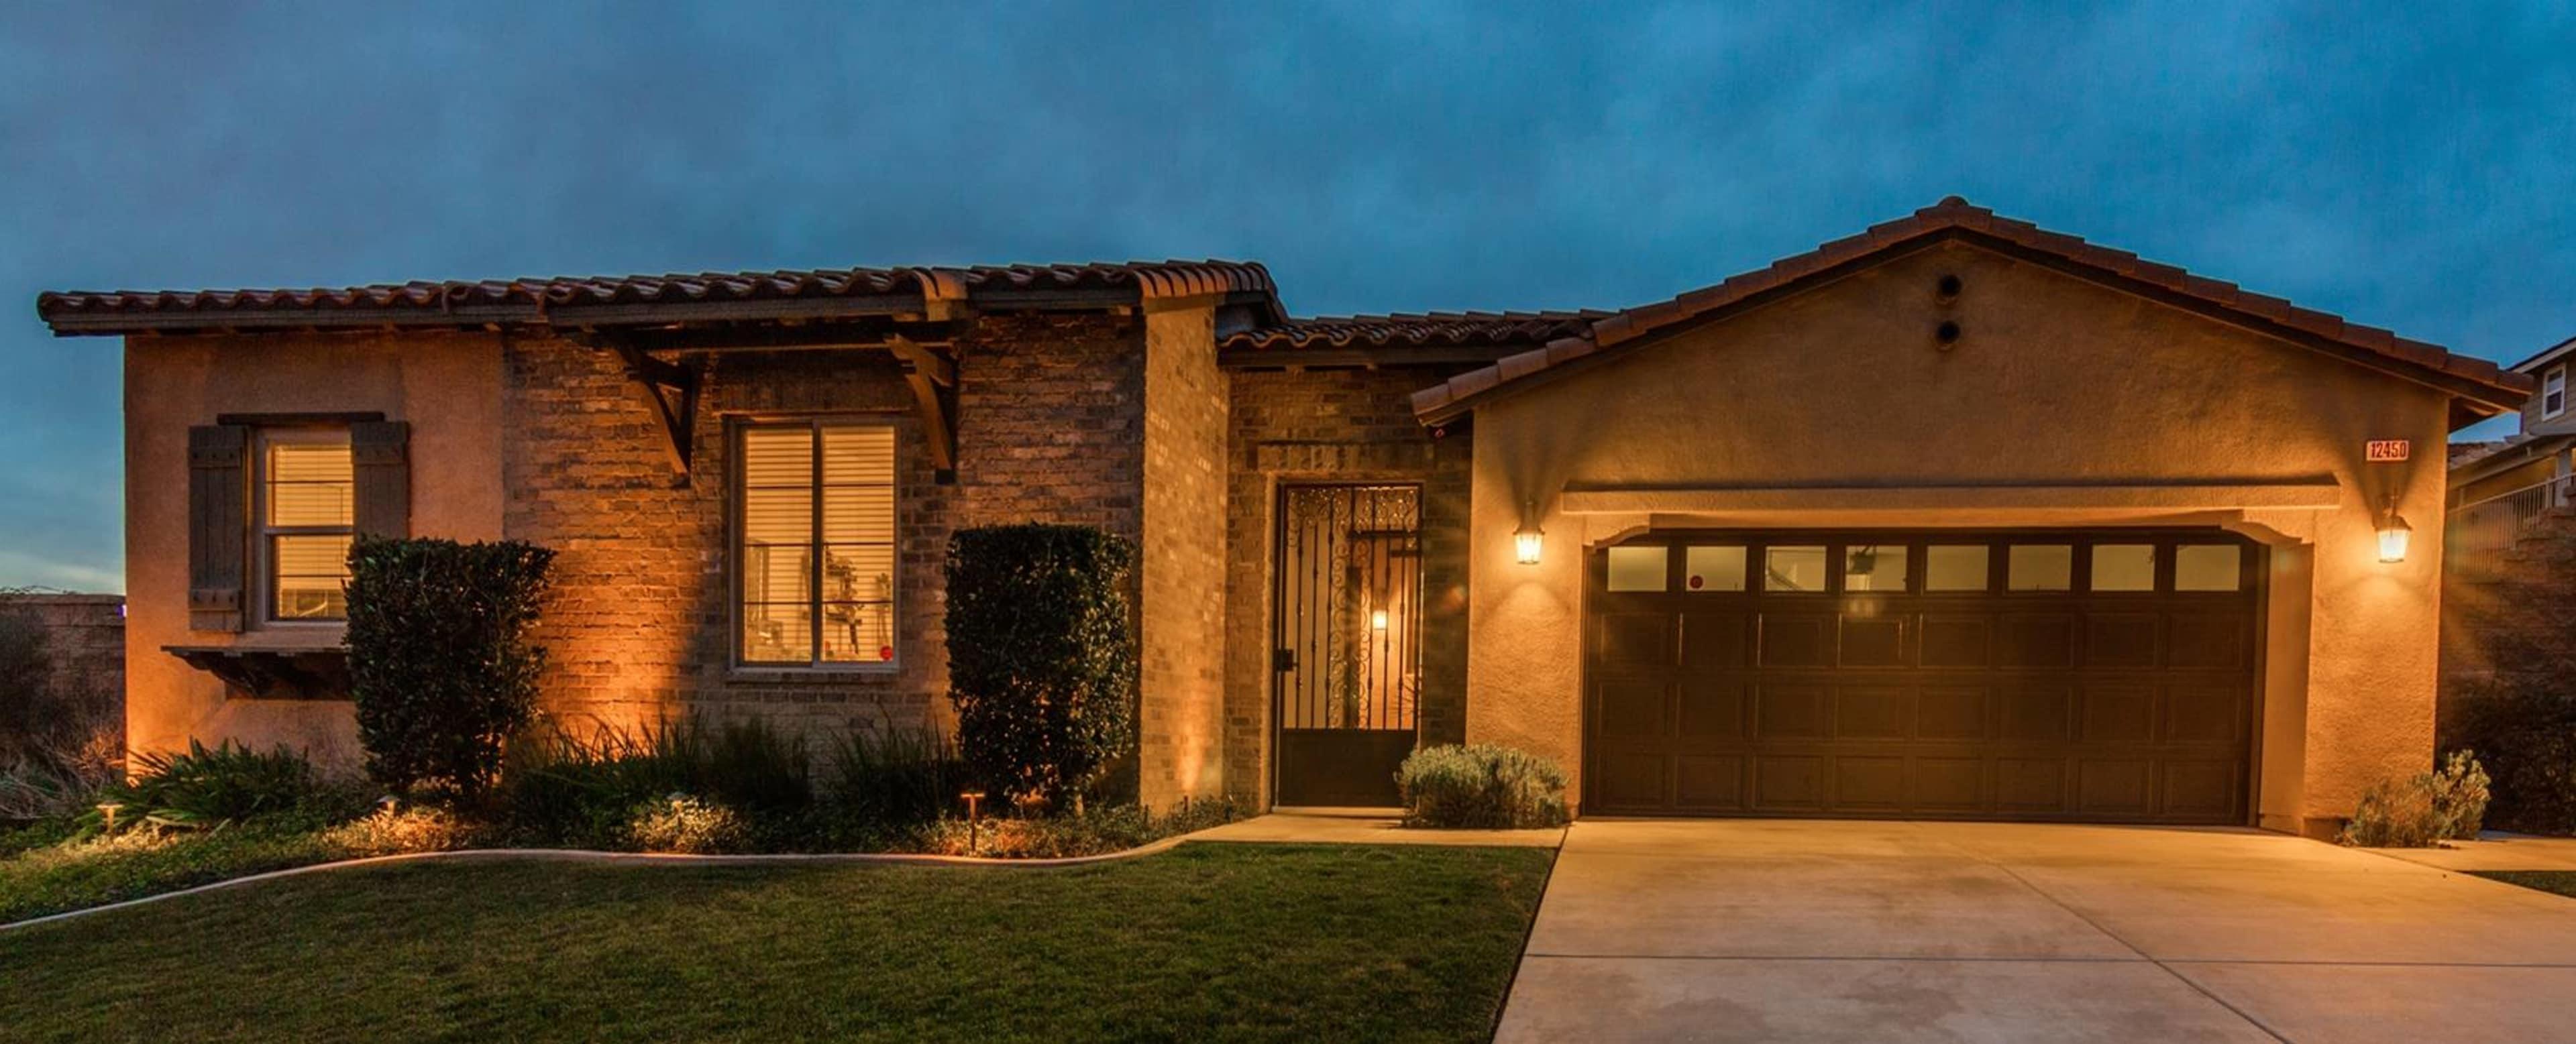 Rancho Cucamonga real estate, Rancho Cucamonga homes for sale ...